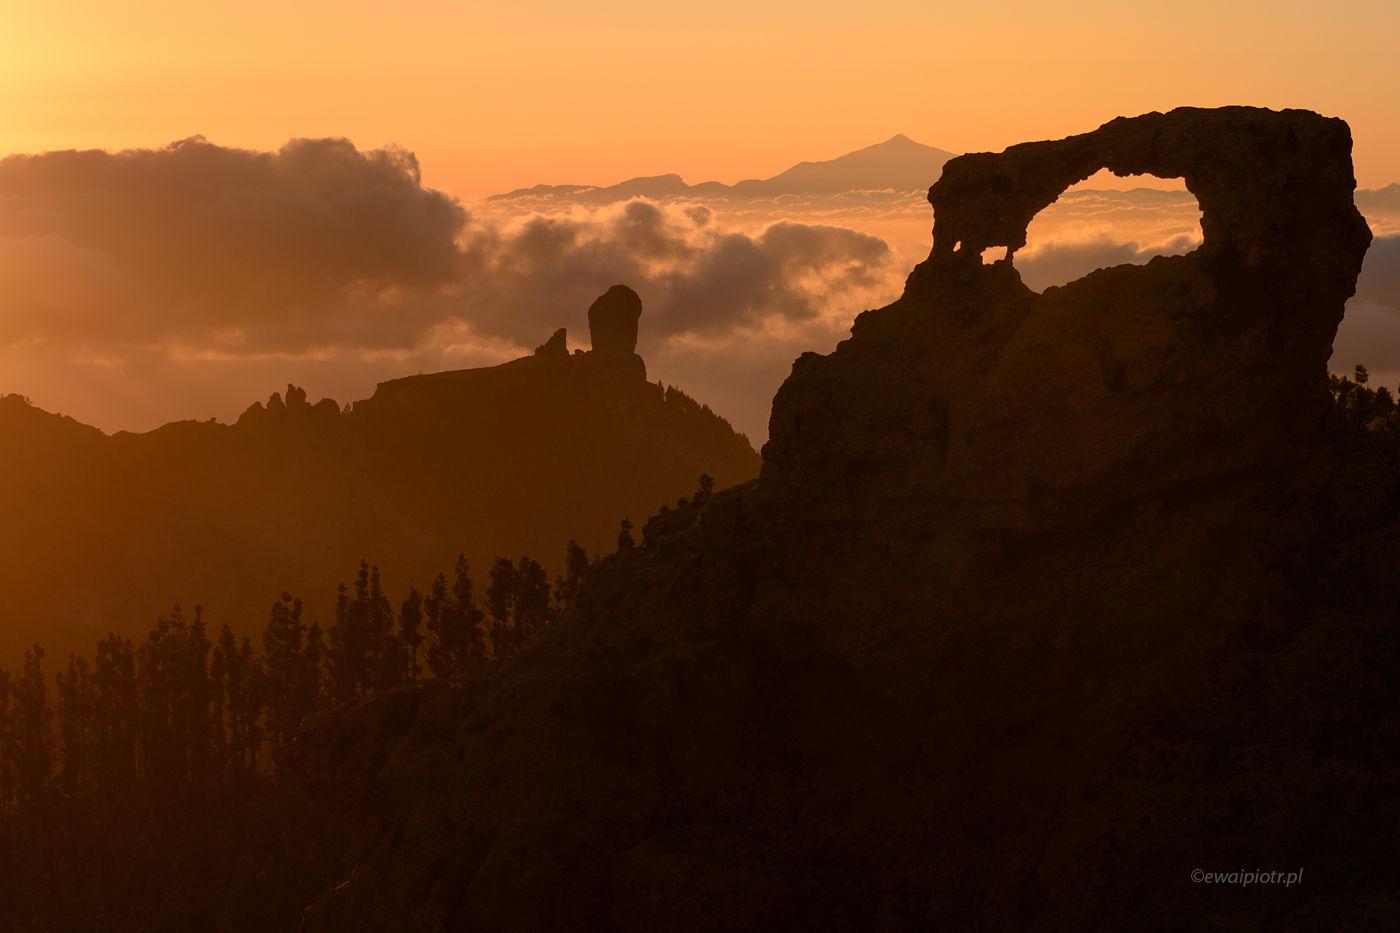 Roque Nublo i łuk skalny, Gran Canaria, Wyspy Kanaryjskie, perspektywa i zoom nożny, Pico de las Nieves